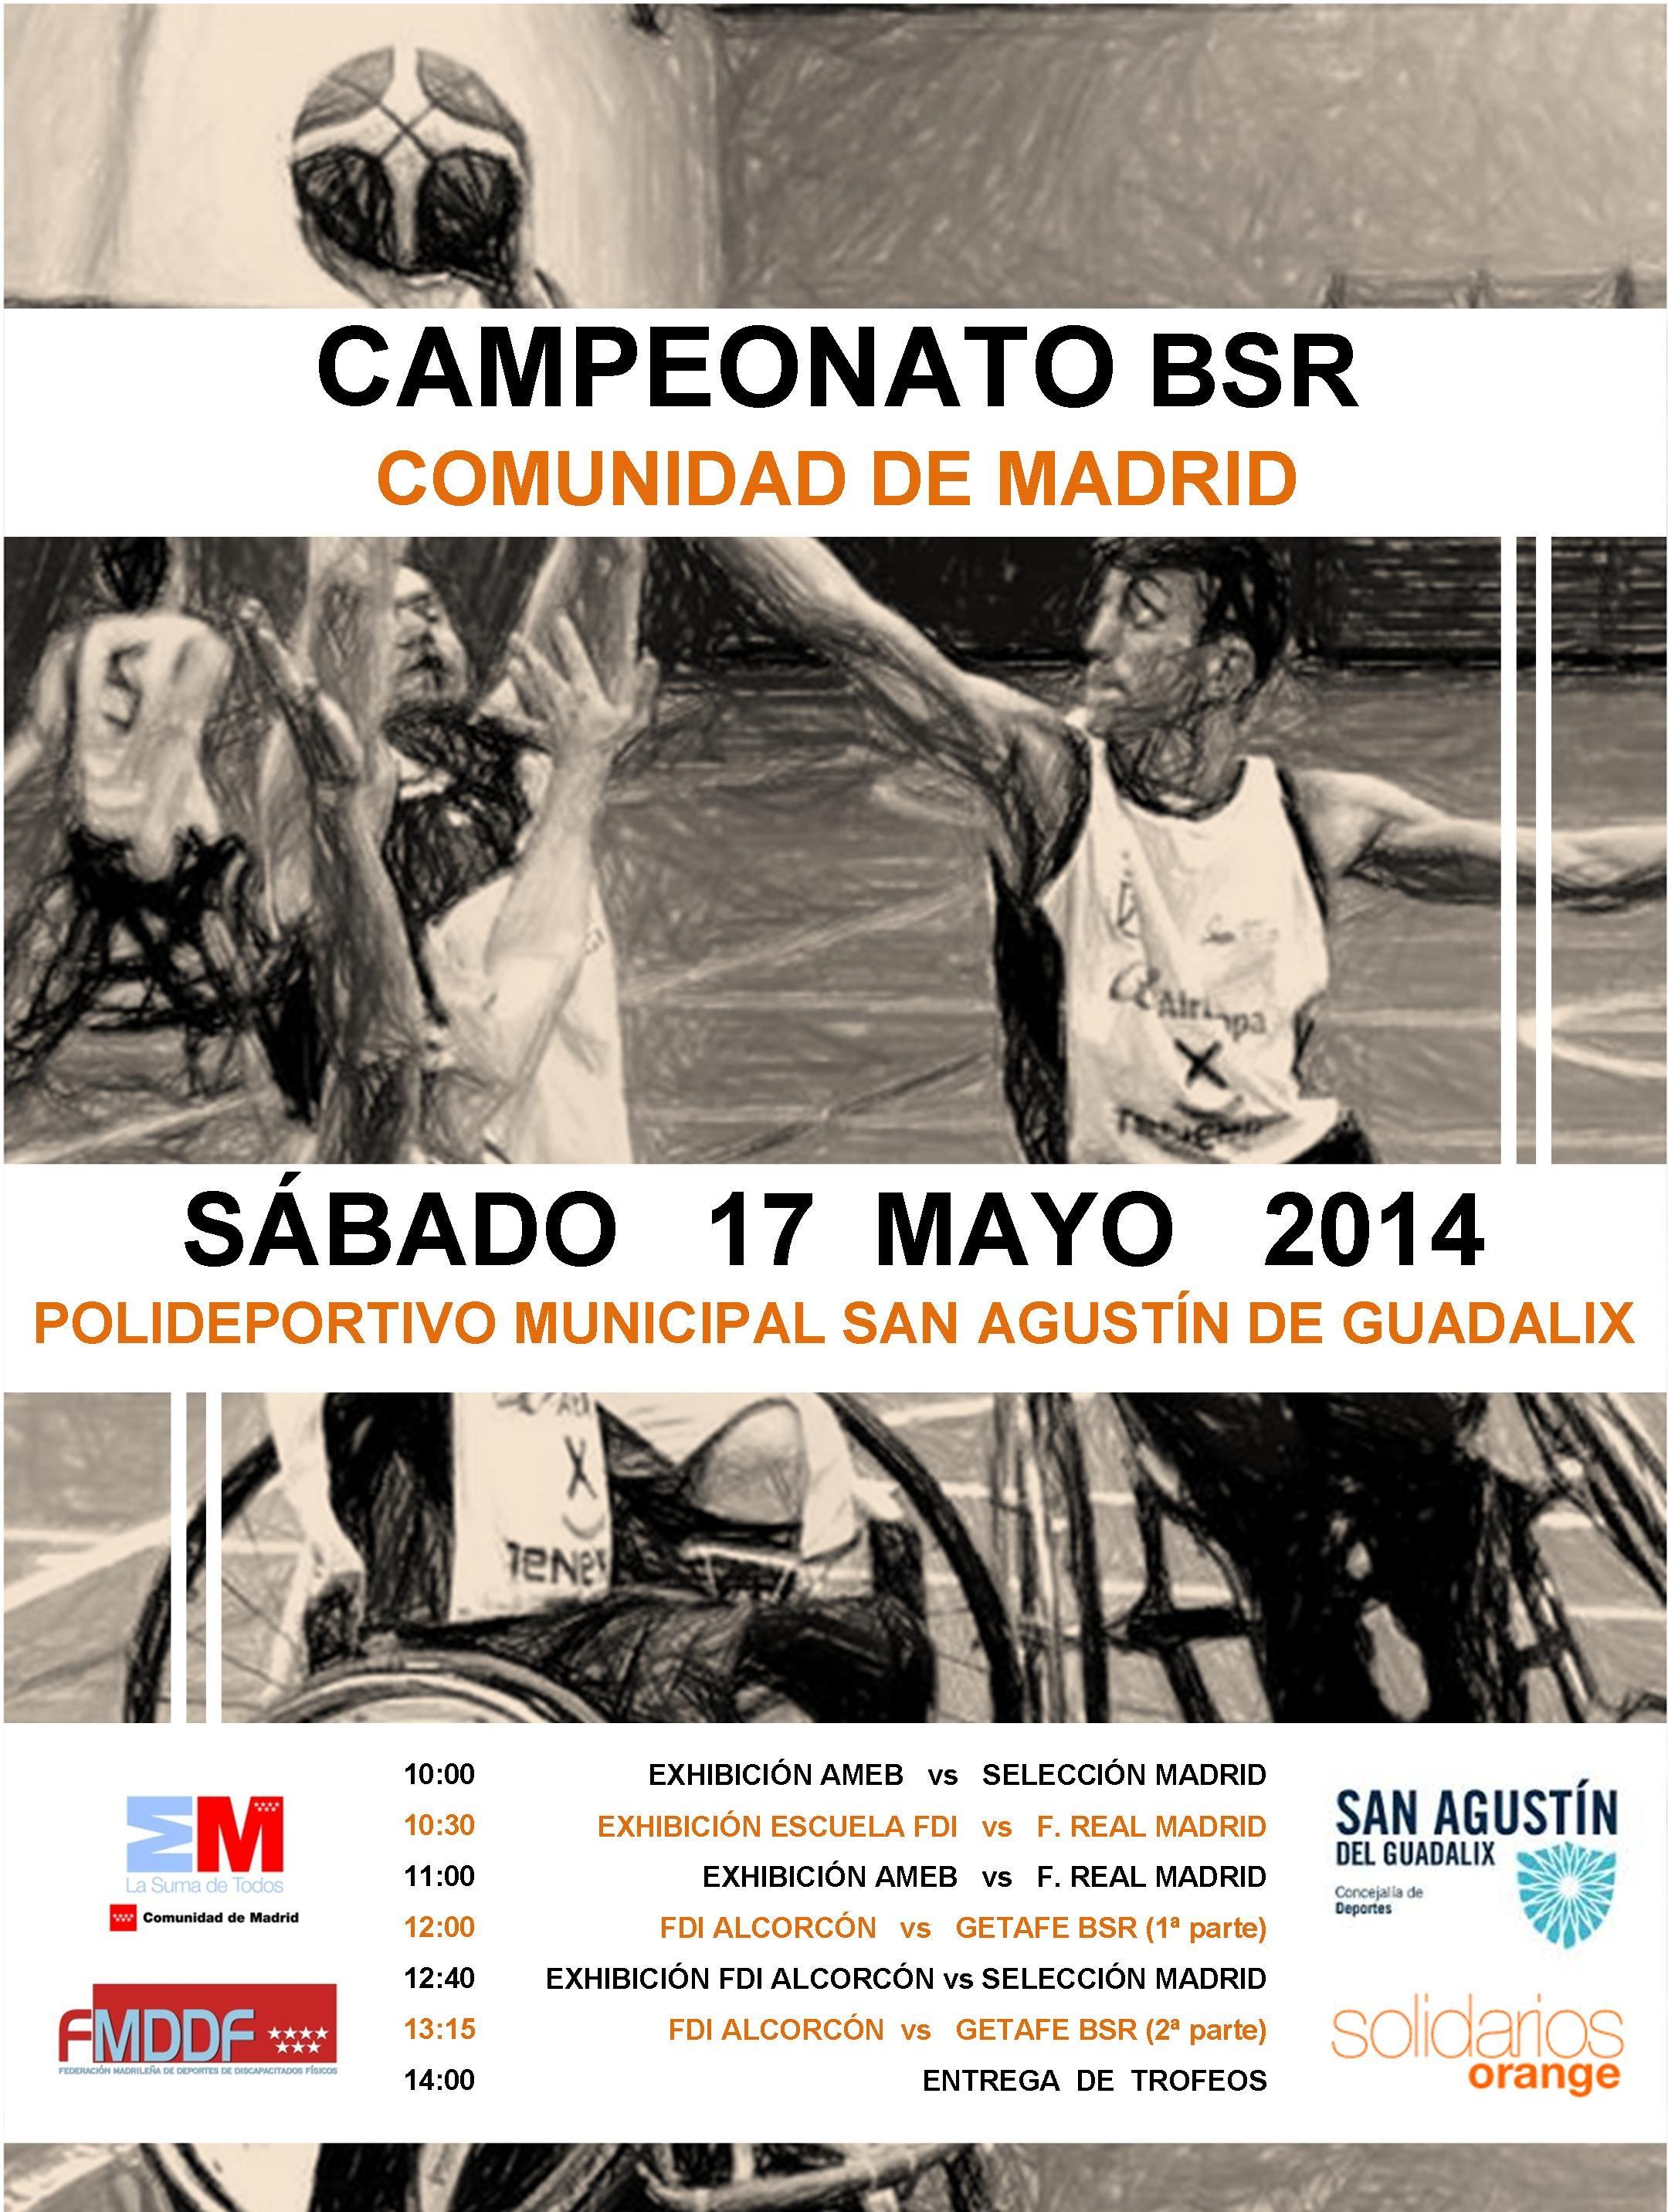 La I Copa de Madrid de BSR se celebrará este fin de semana en San Agustín de Guadalix